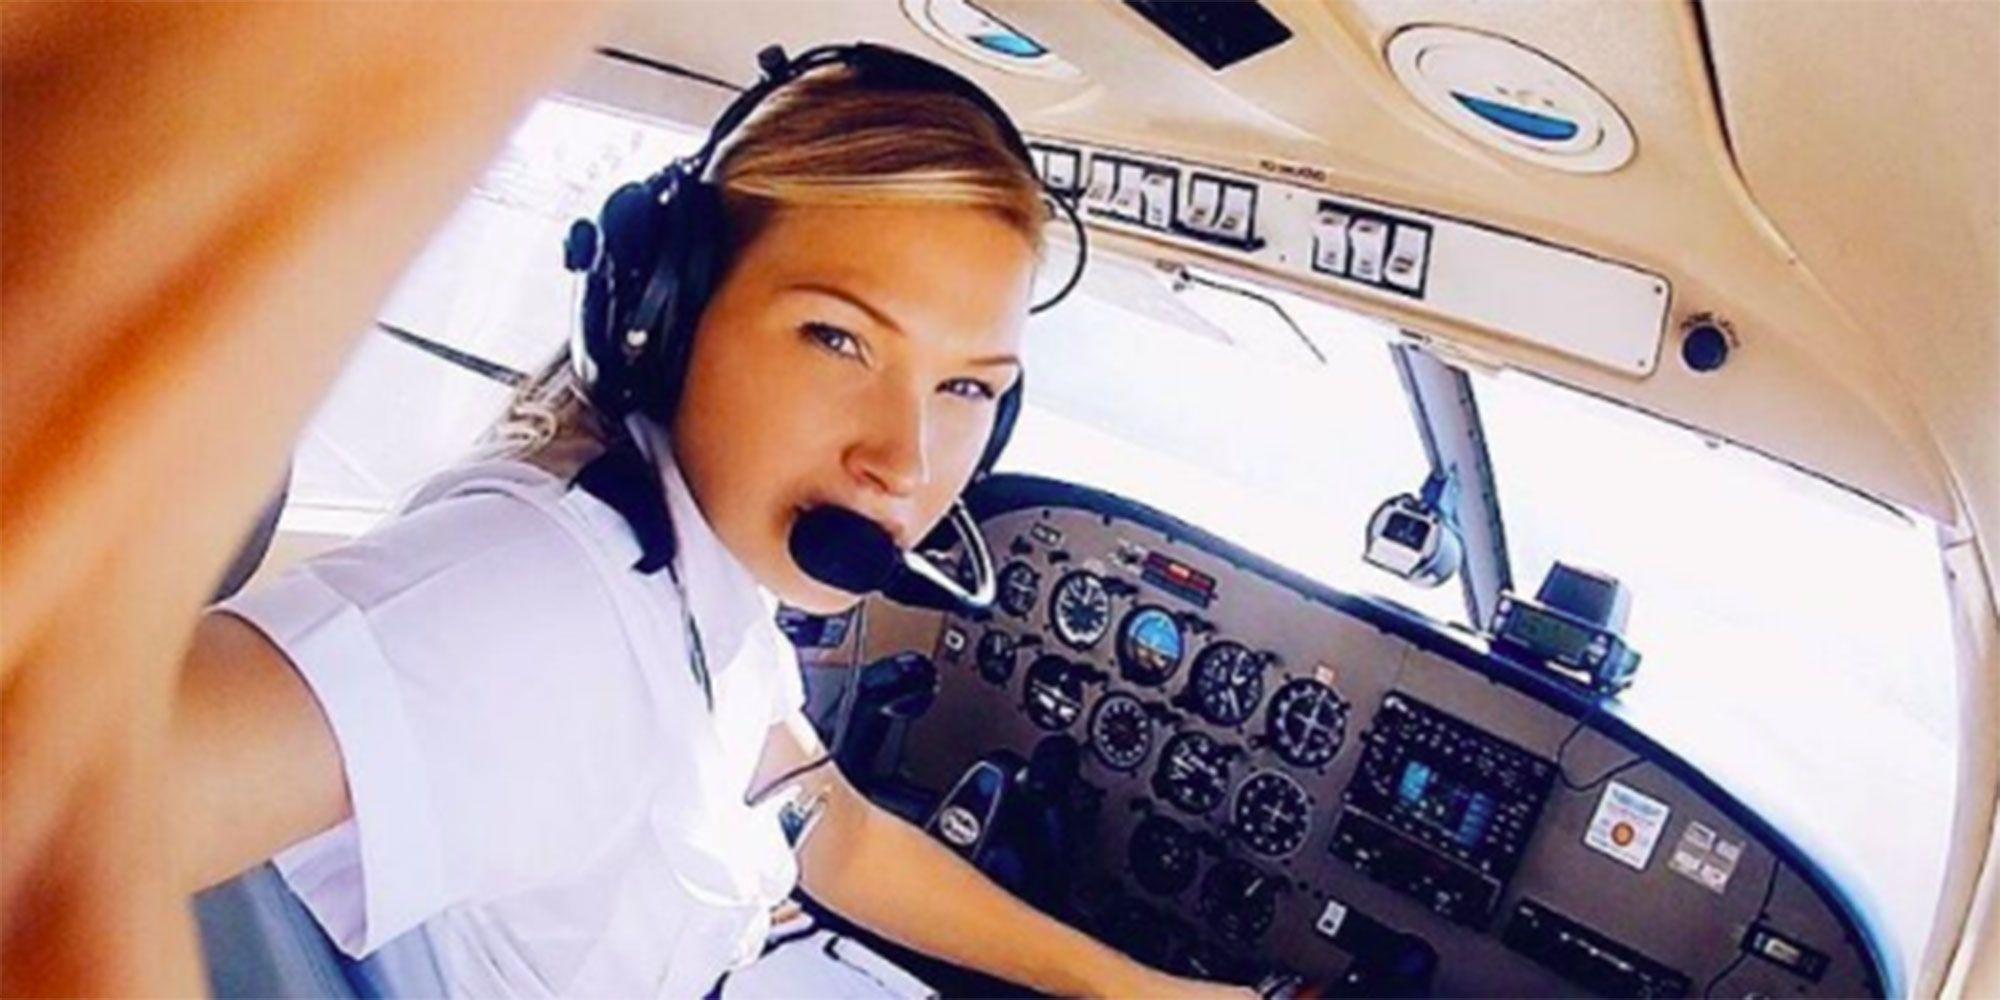 Female pilot on Instagram